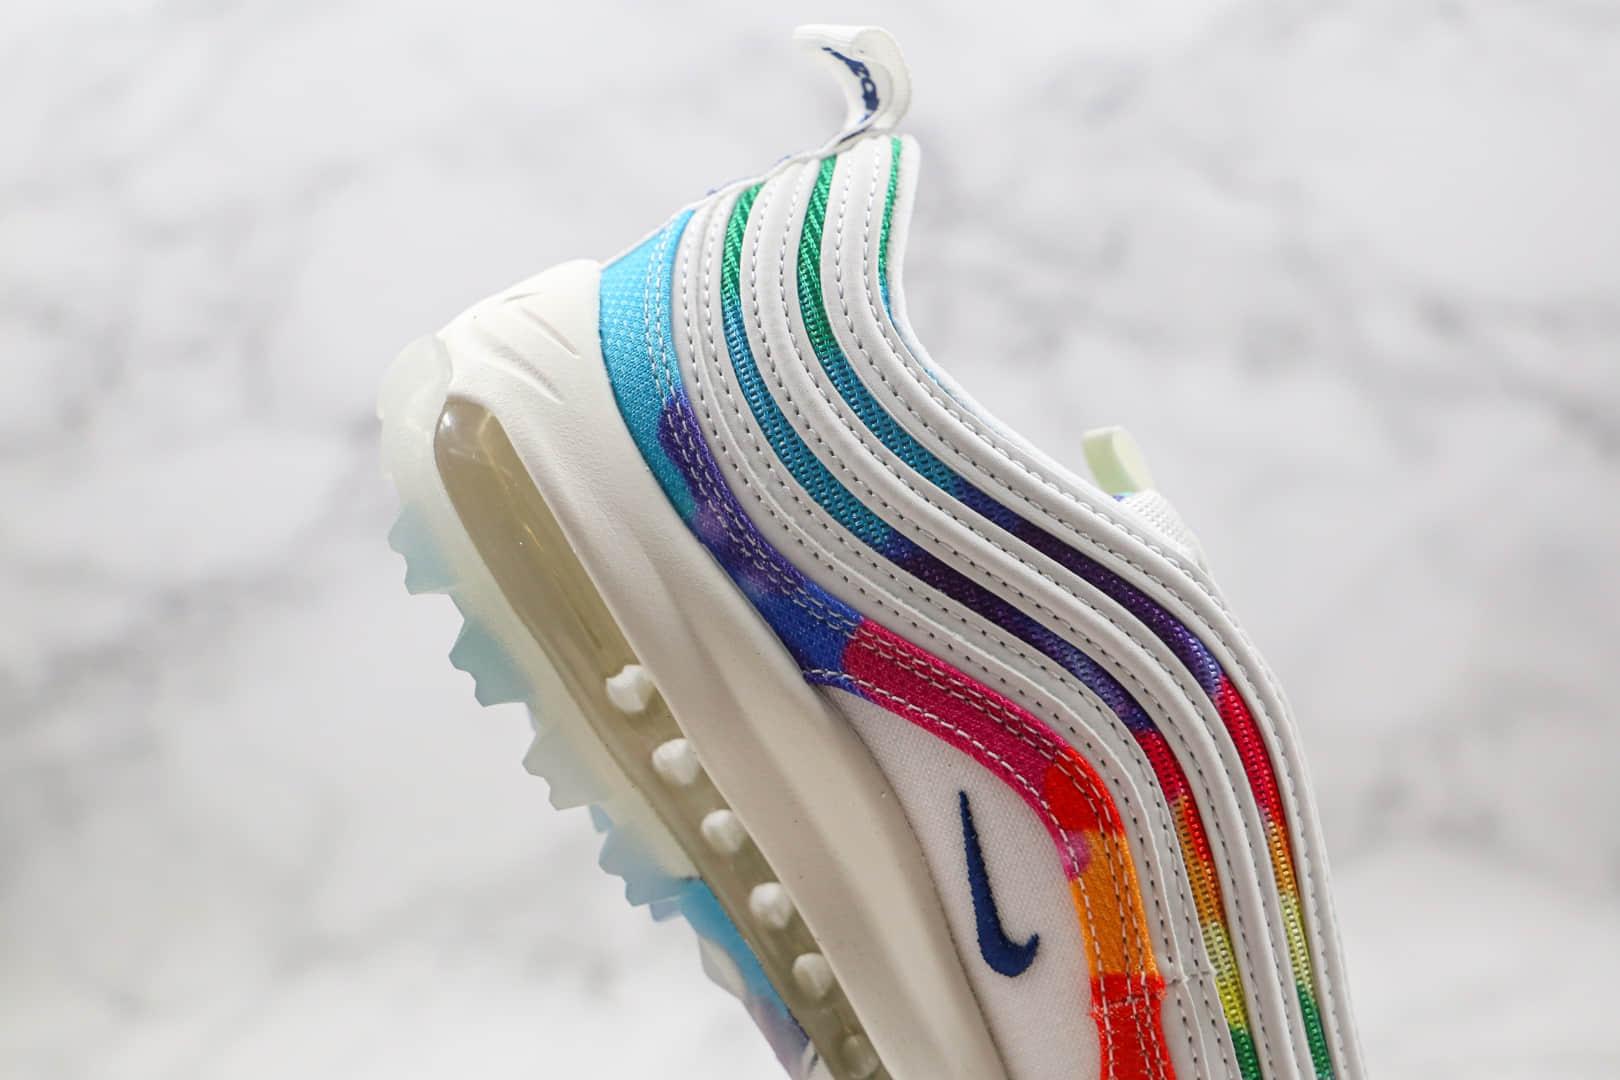 耐克Nike Max 97纯原版本高尔夫款子弹Max97气垫鞋扎染配色原盒原标原鞋开模一比一打造 货号:CK1219-100